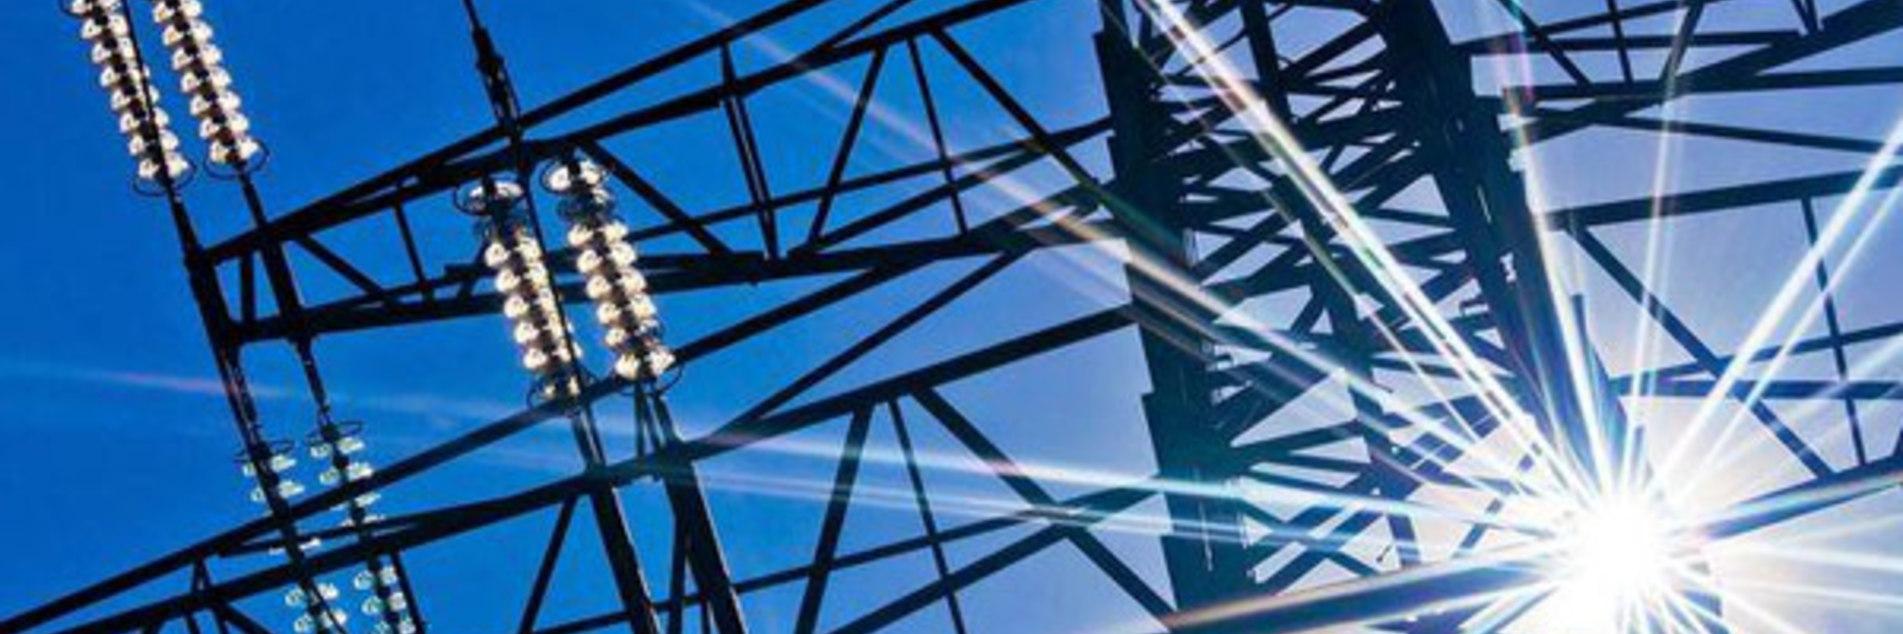 Energia e Utilities